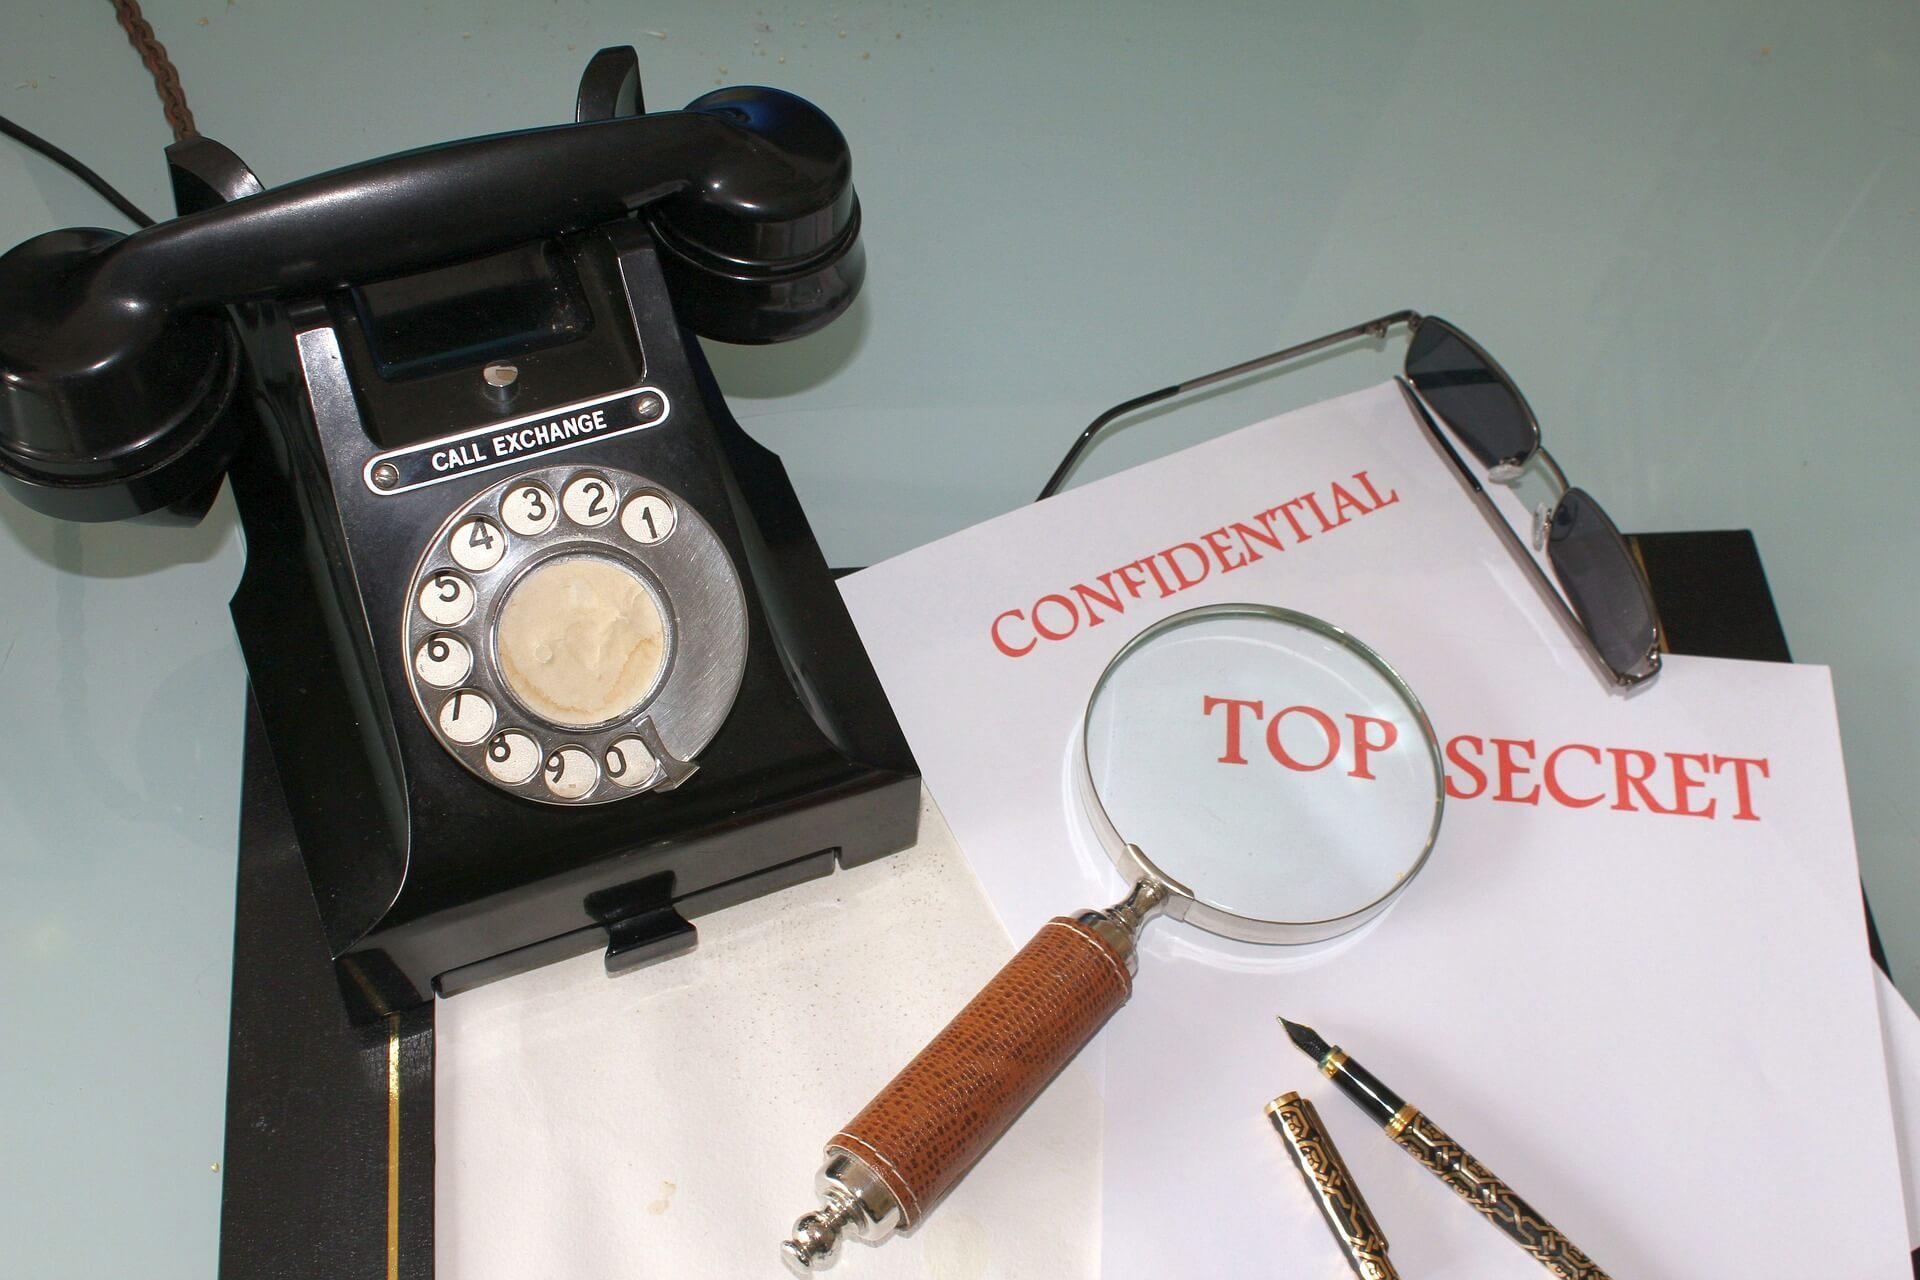 konfidencialu-paslaptis-dokumentai.jpg